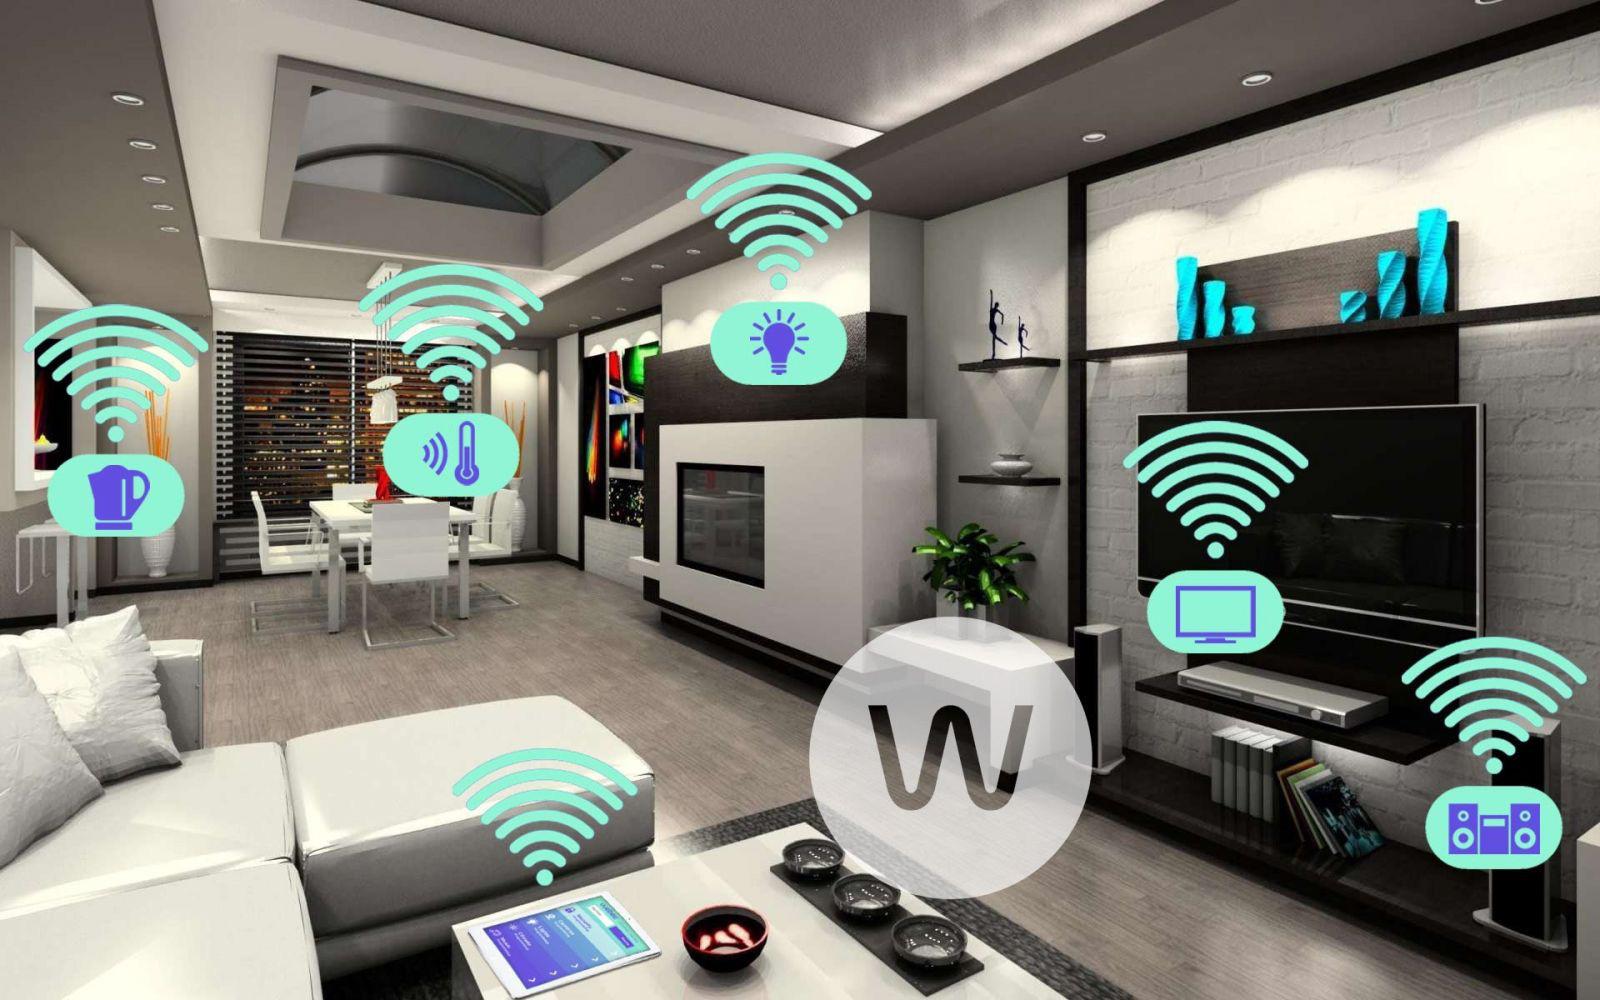 Công nghệ thông minh mang cuộc sống giản tiện hơn cho người sở hữu căn hộ cao cấp mặt biển Green Diamond